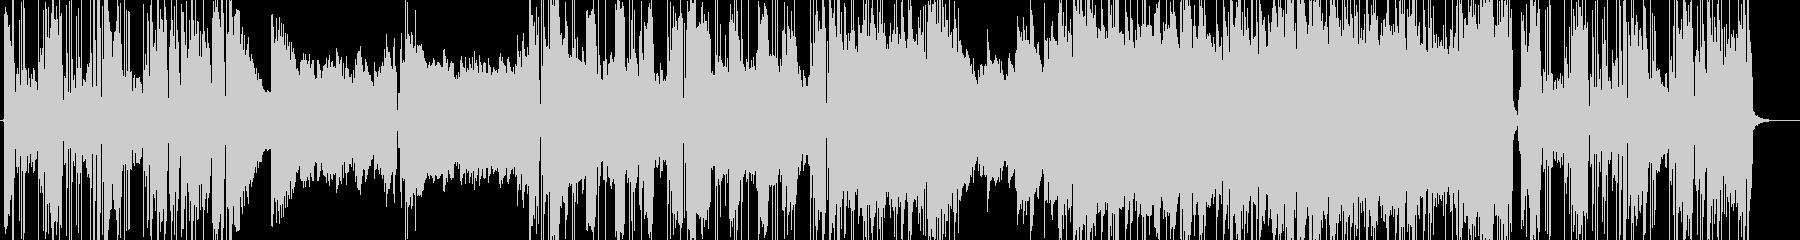 ウーリッツァーピアノのプログレジャズの未再生の波形